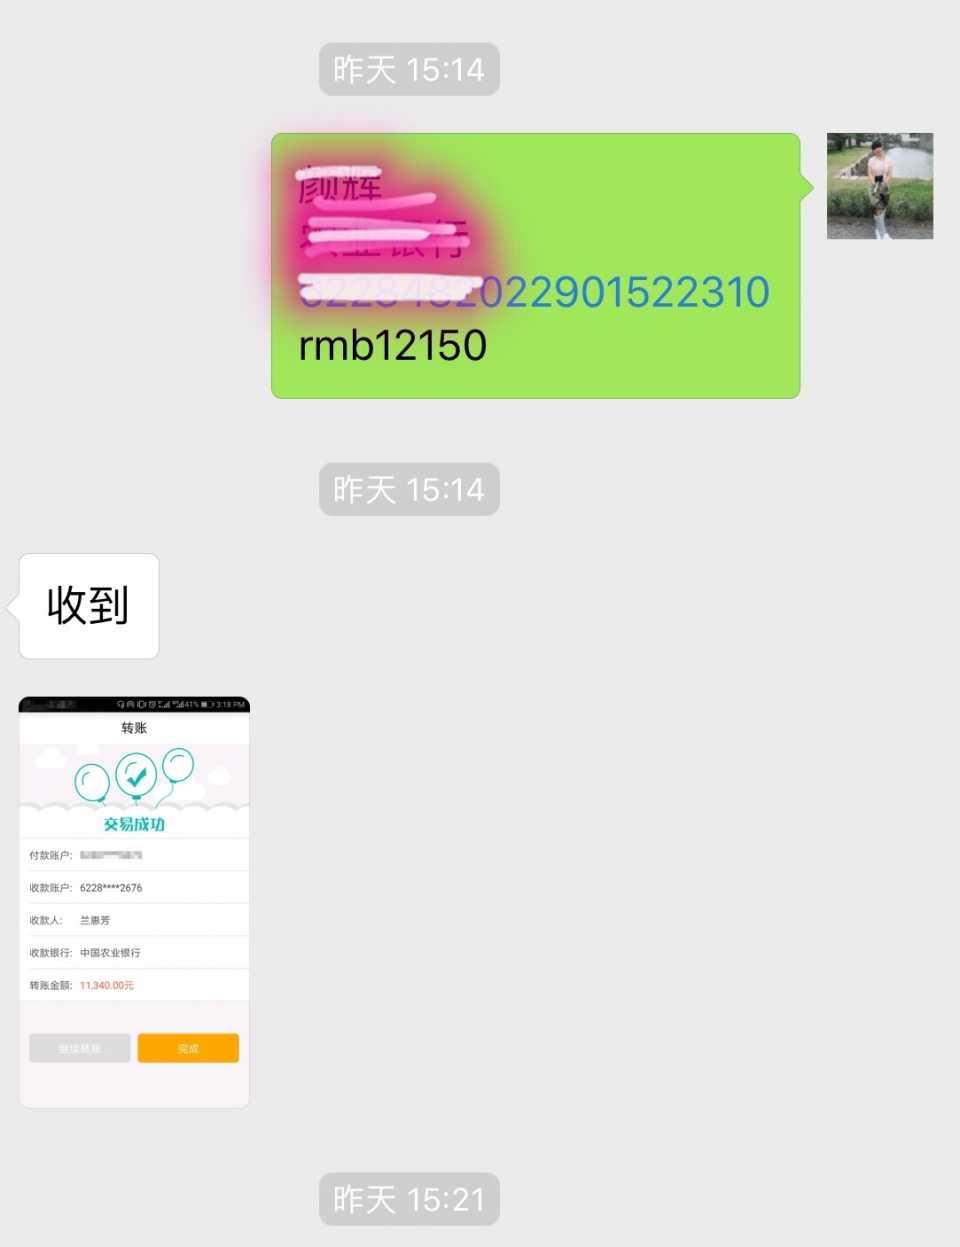 50E866C3-6686-4C7A-B0F7-7AF365CE2D8B.jpeg